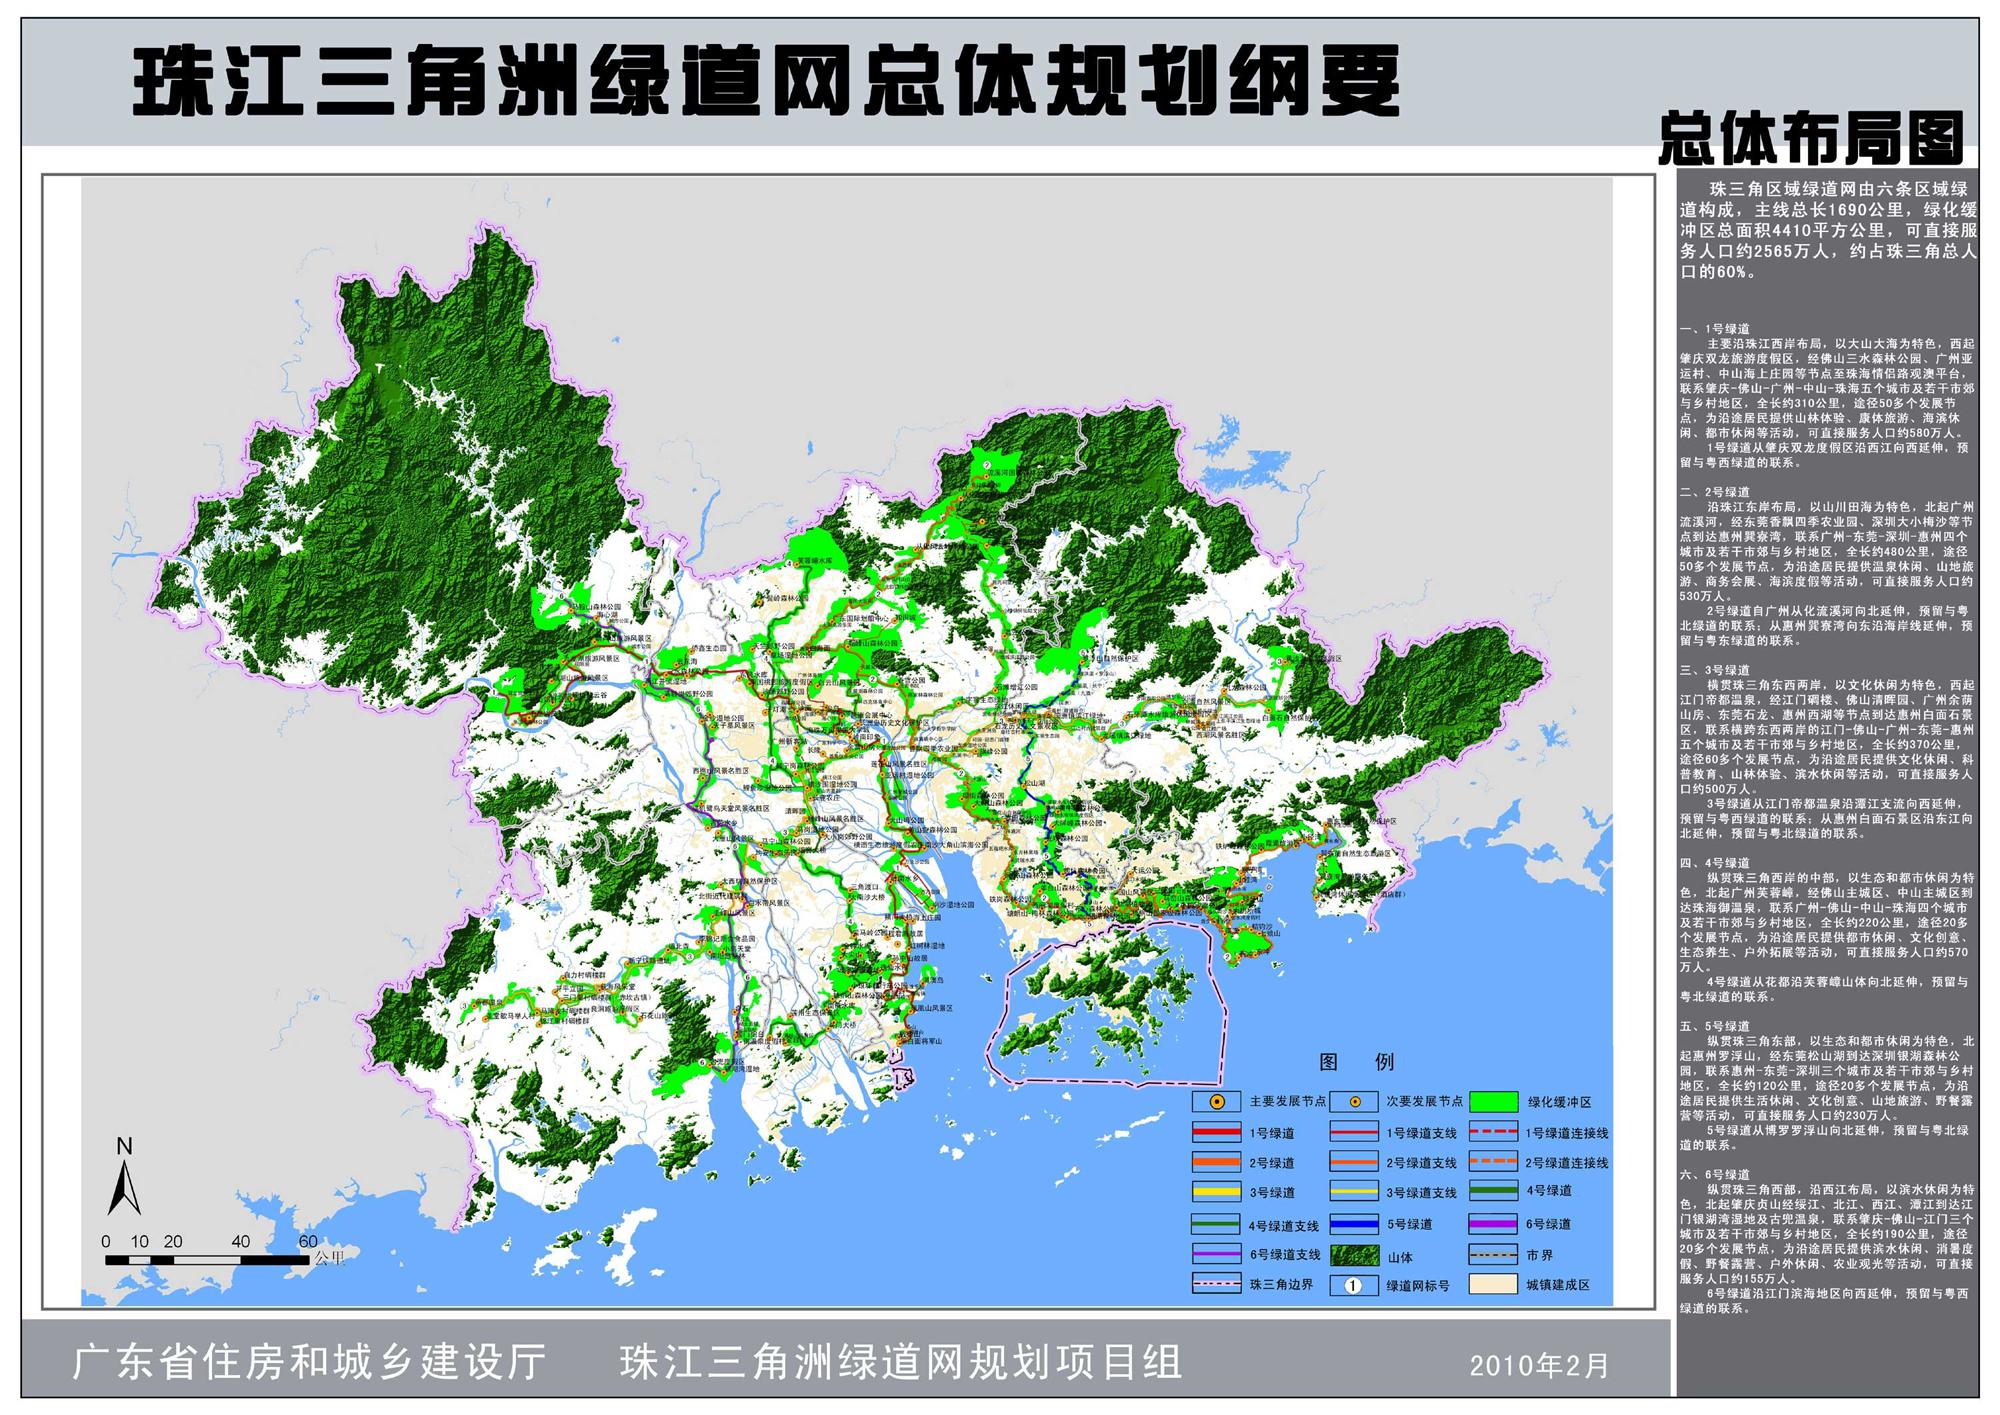 珠江三角洲绿道网总体规划纲要总体布局图